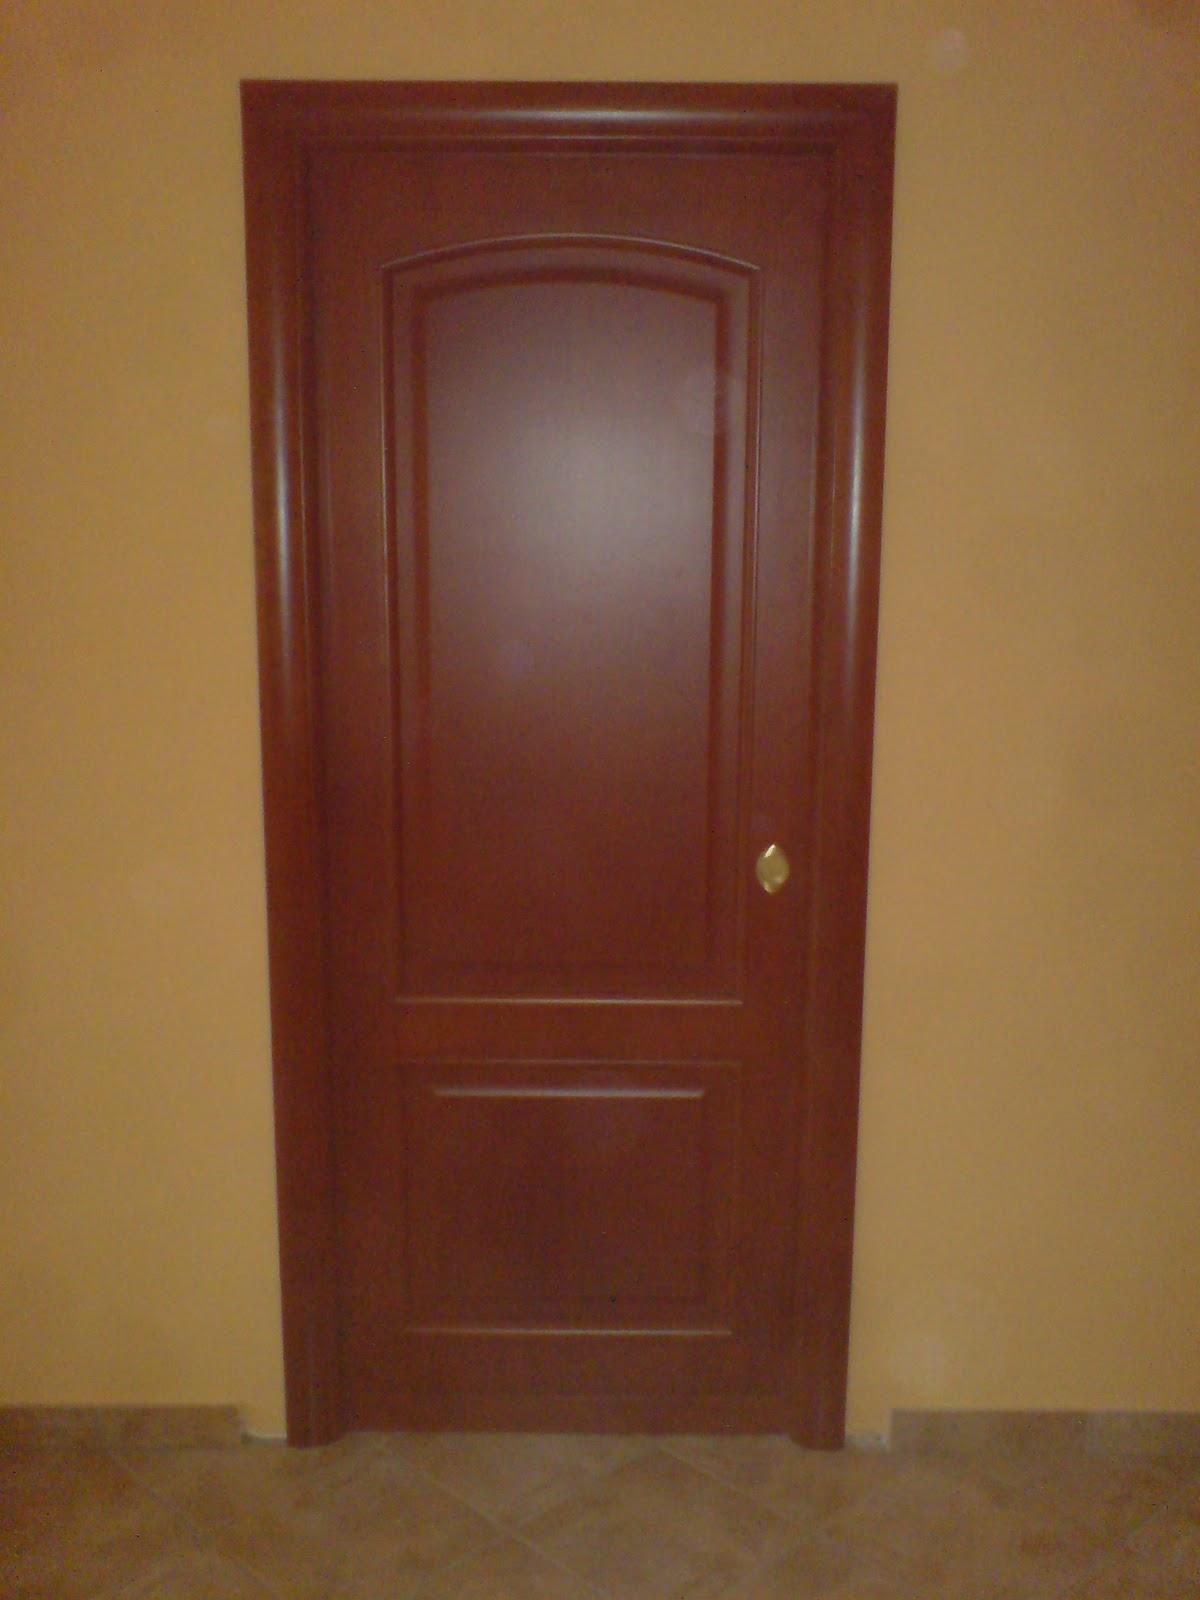 Ilvecchioartigiano porte in noce tanganica color ciliegio - Porte noce tanganica ...